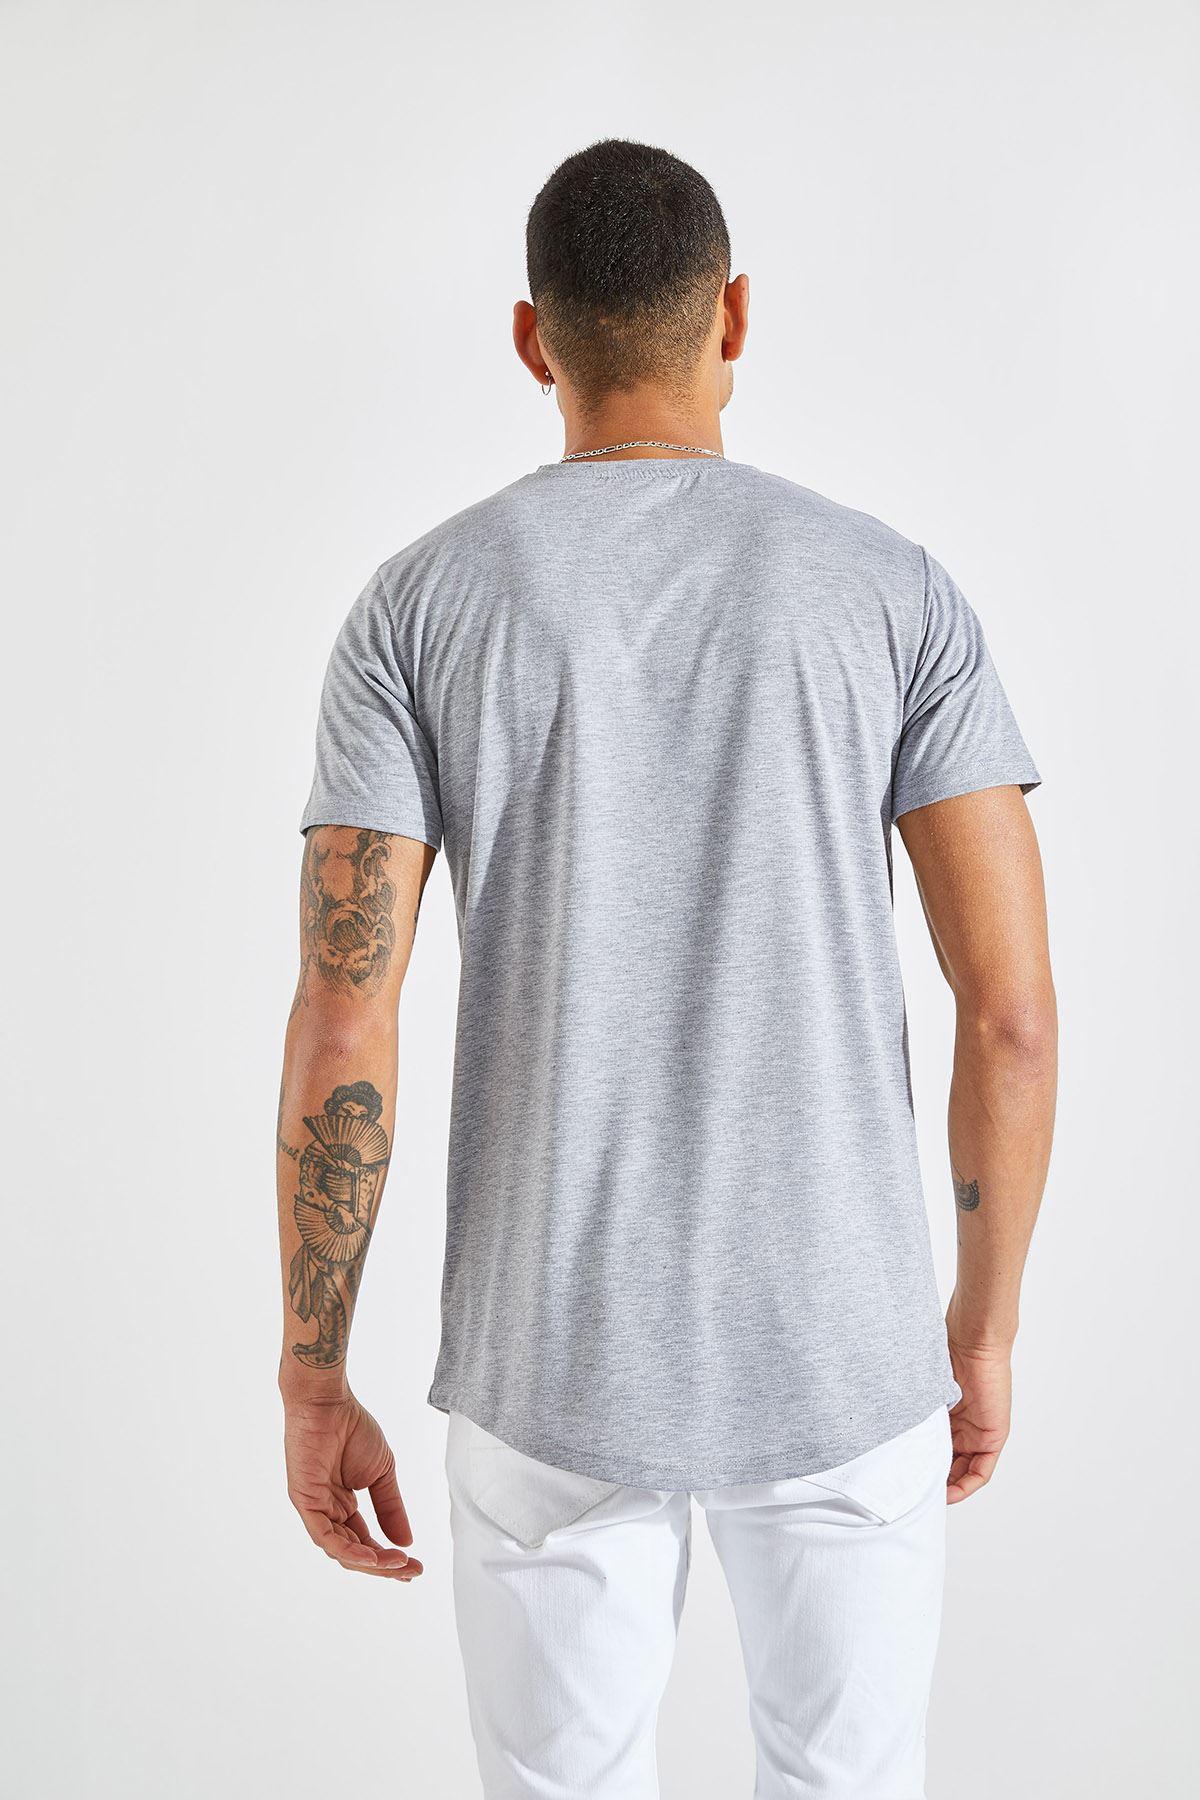 Erkek O Yaka Nasa Baskı Gri Tişört